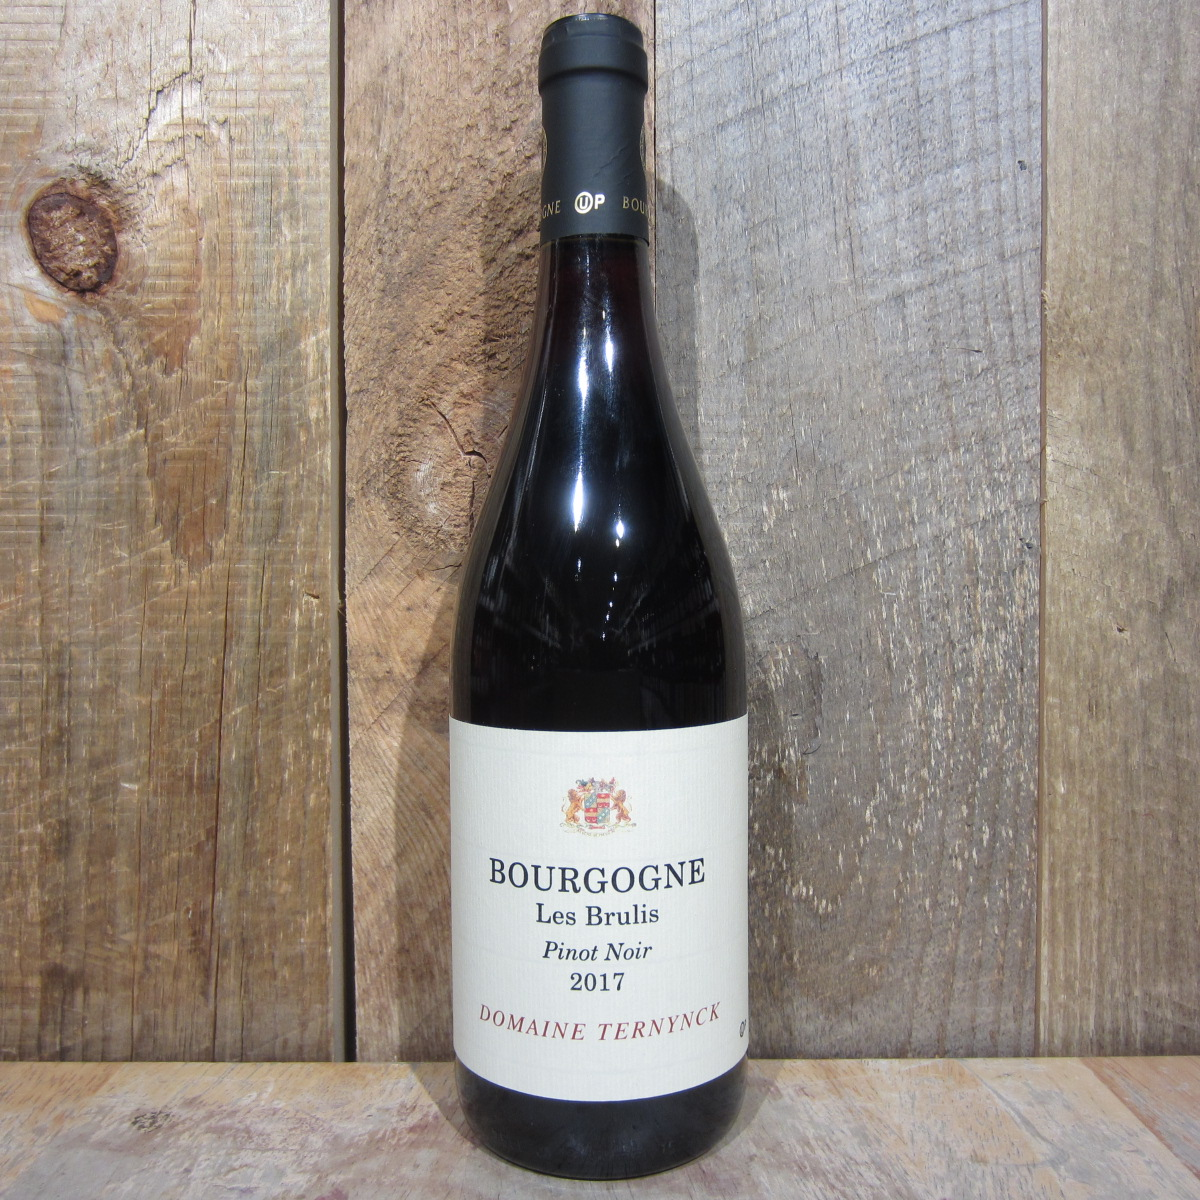 Domaine Ternynck Bourgogne Les Brulis Pinot Noir 2018 750ml